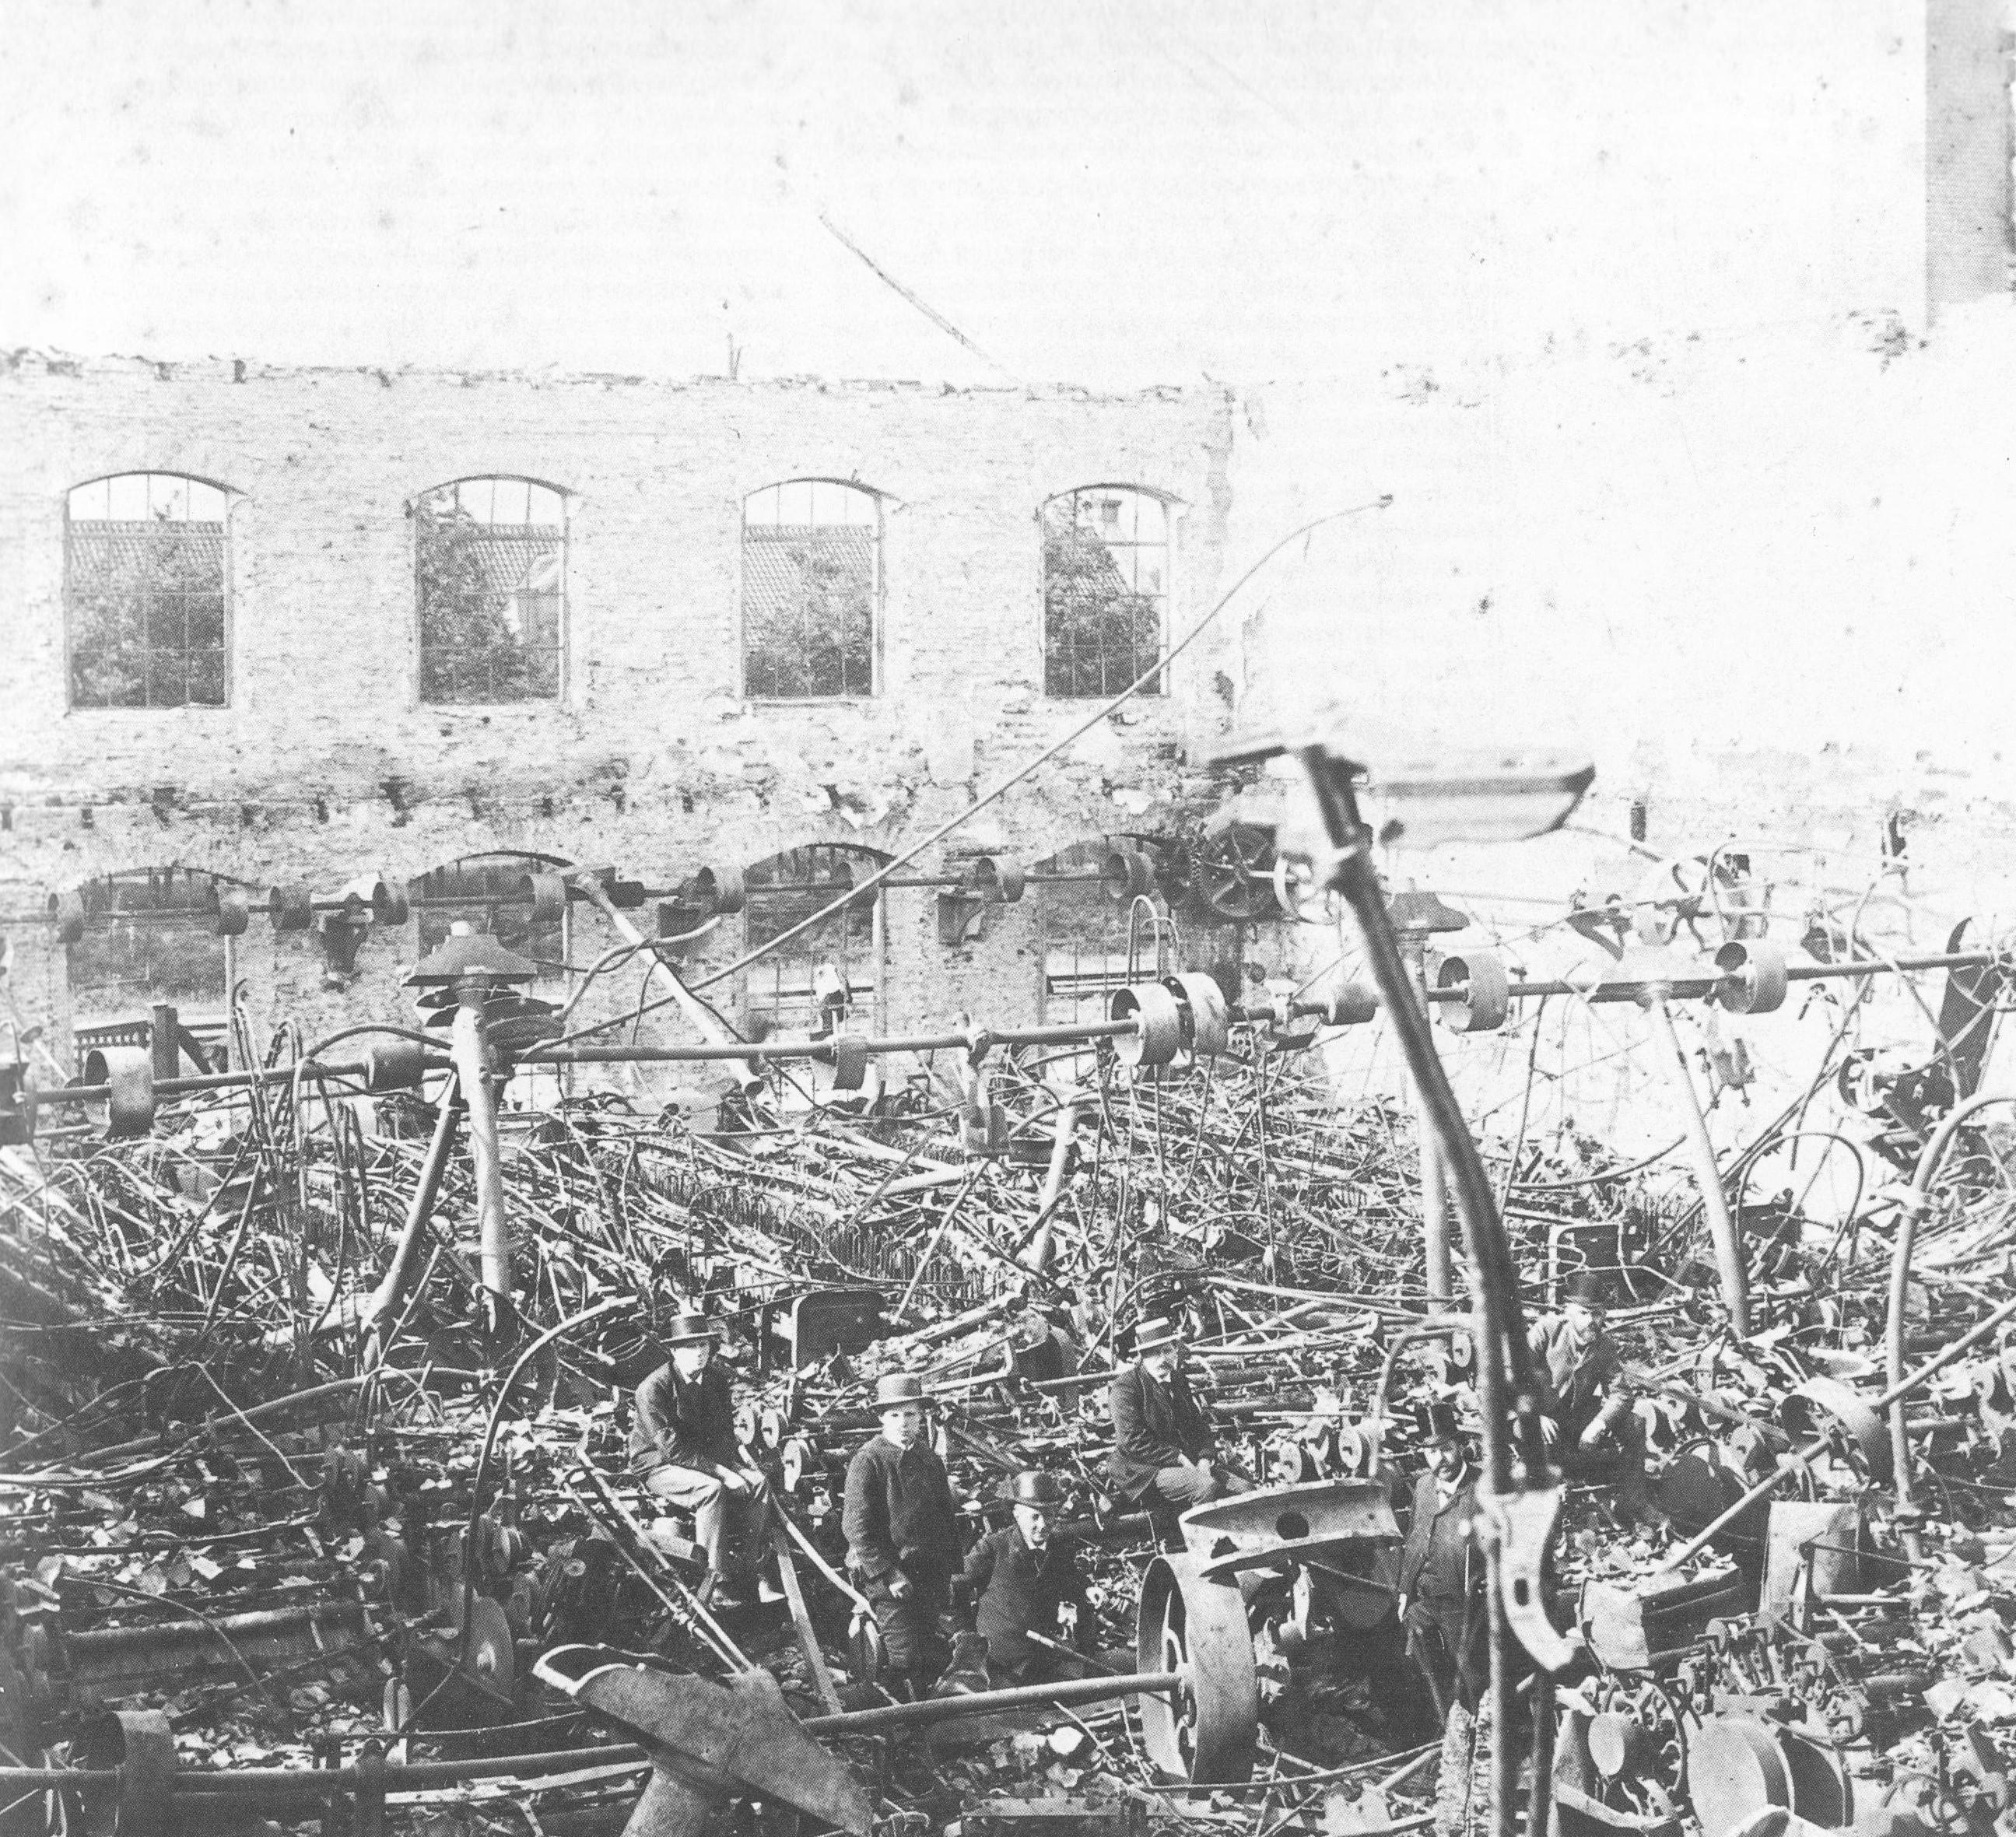 afgebrande spinnerij 19e eeuw